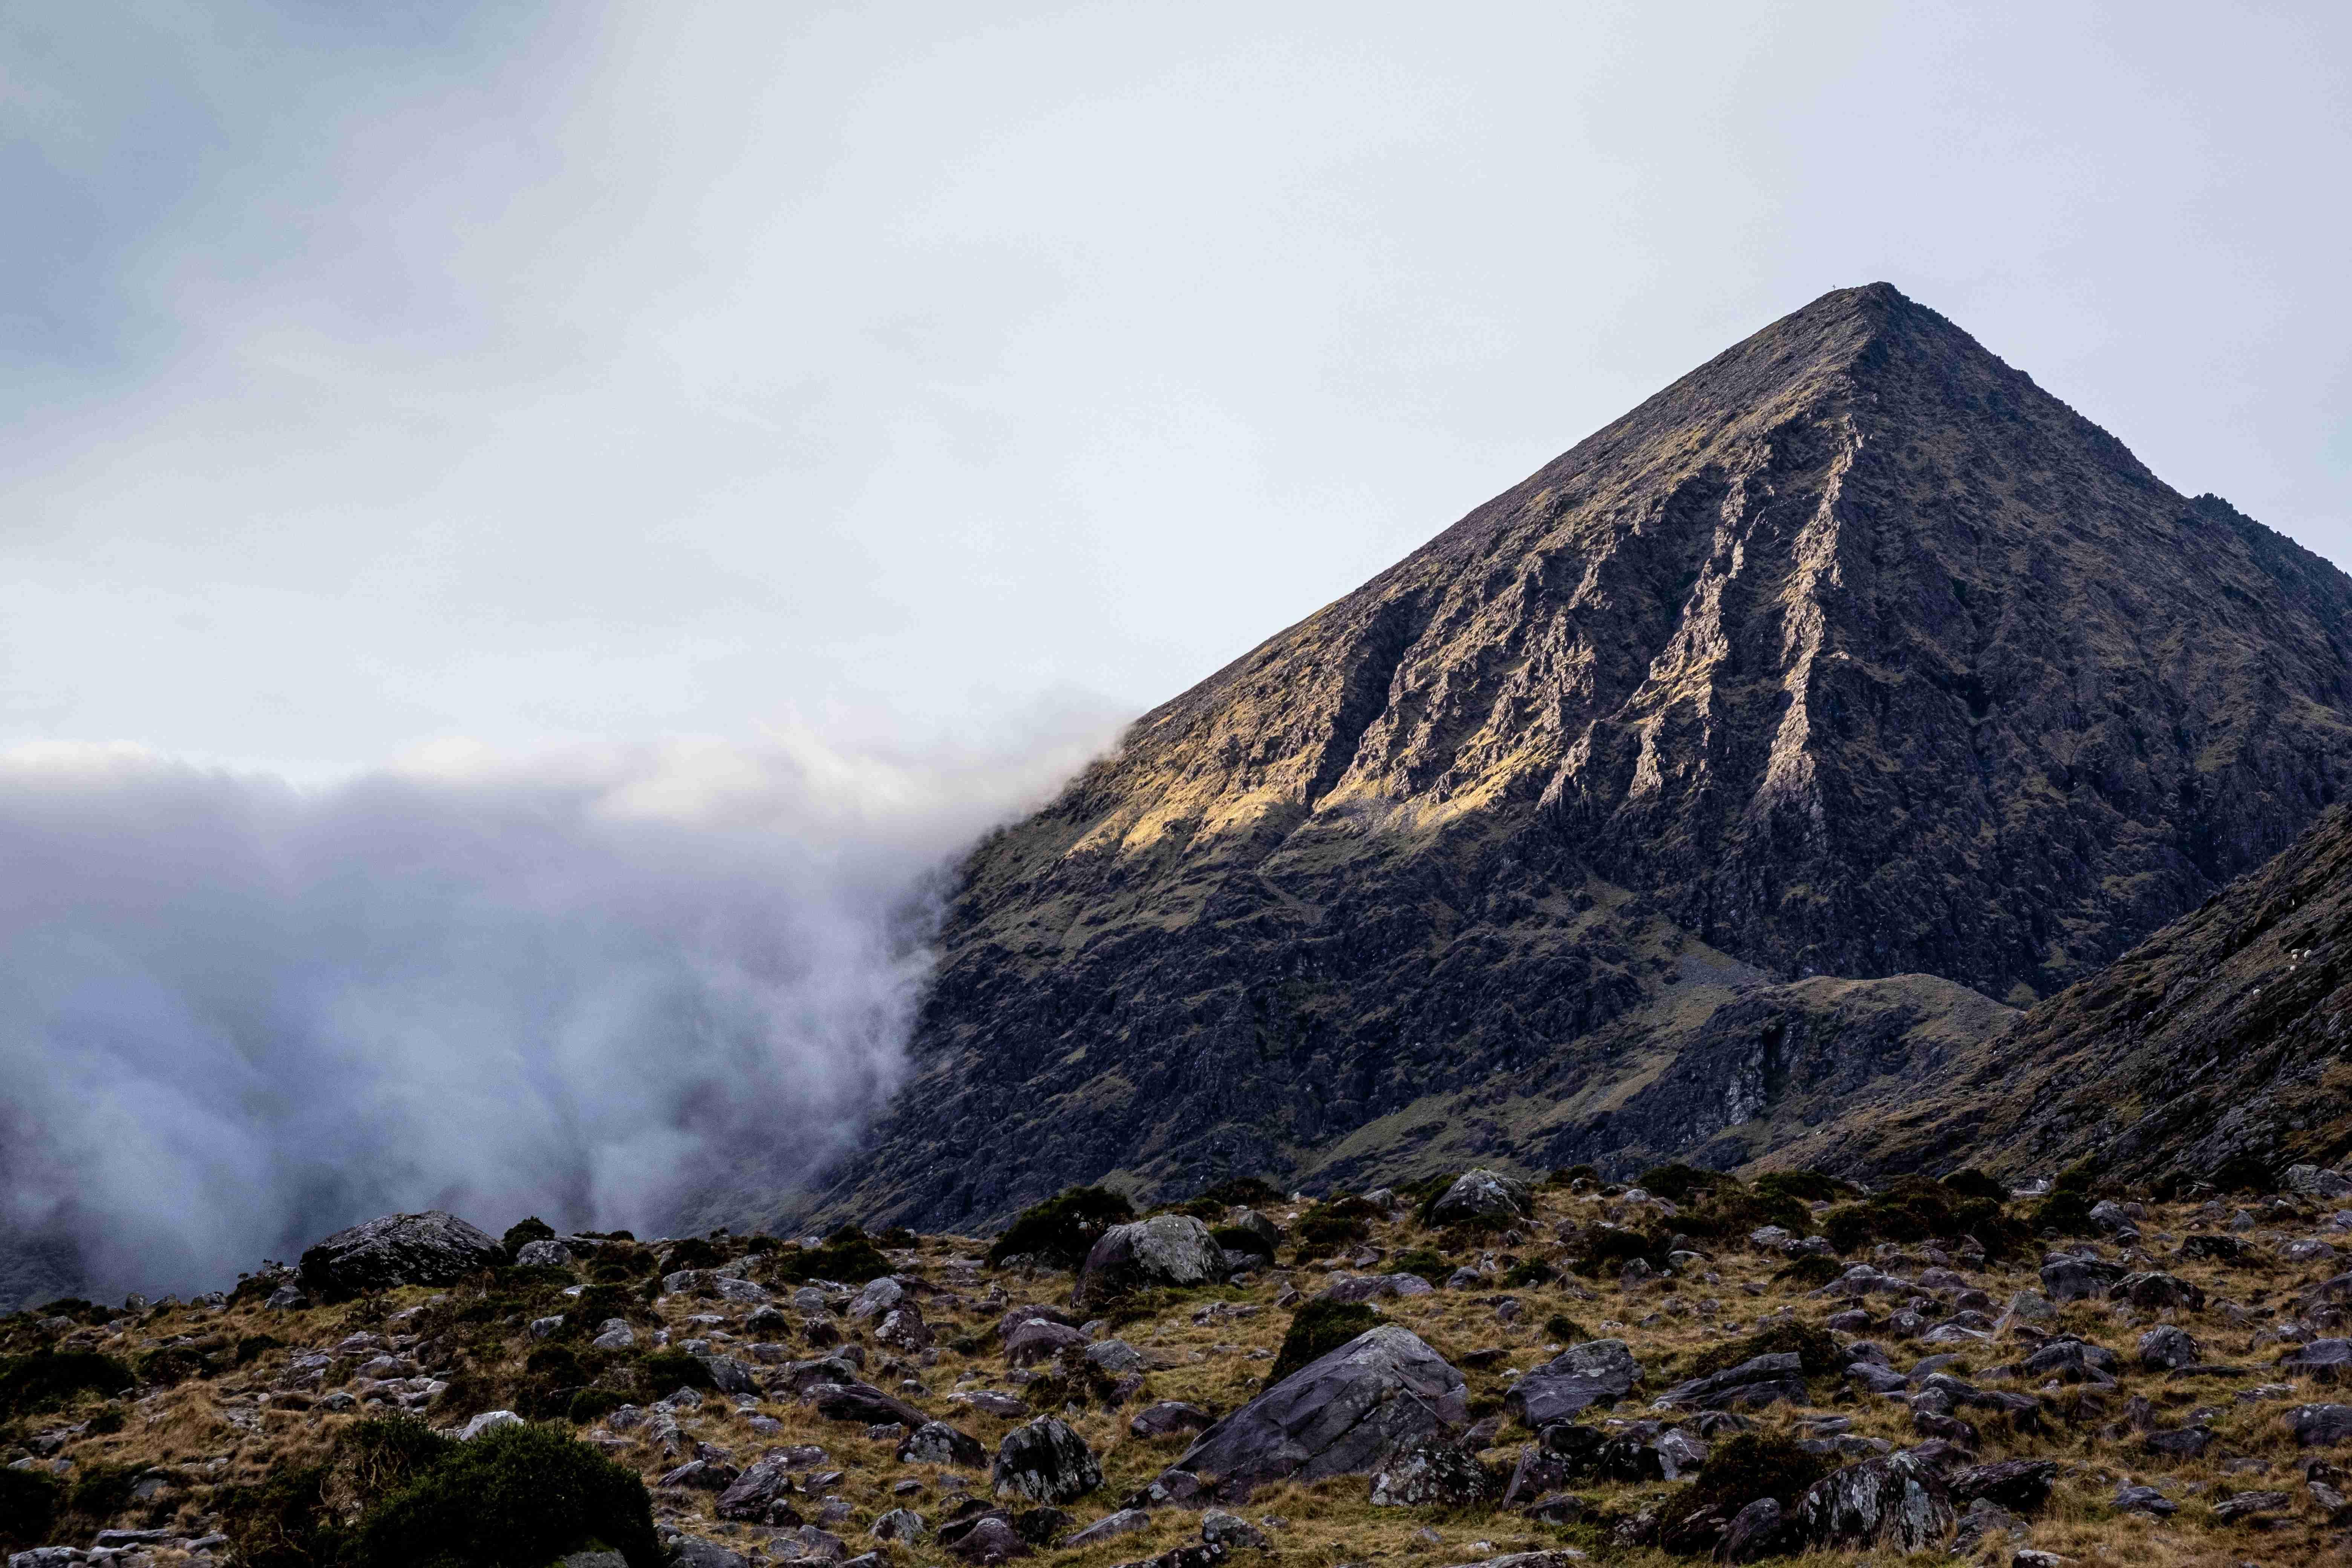 Carrauntoohil Mountain Hike